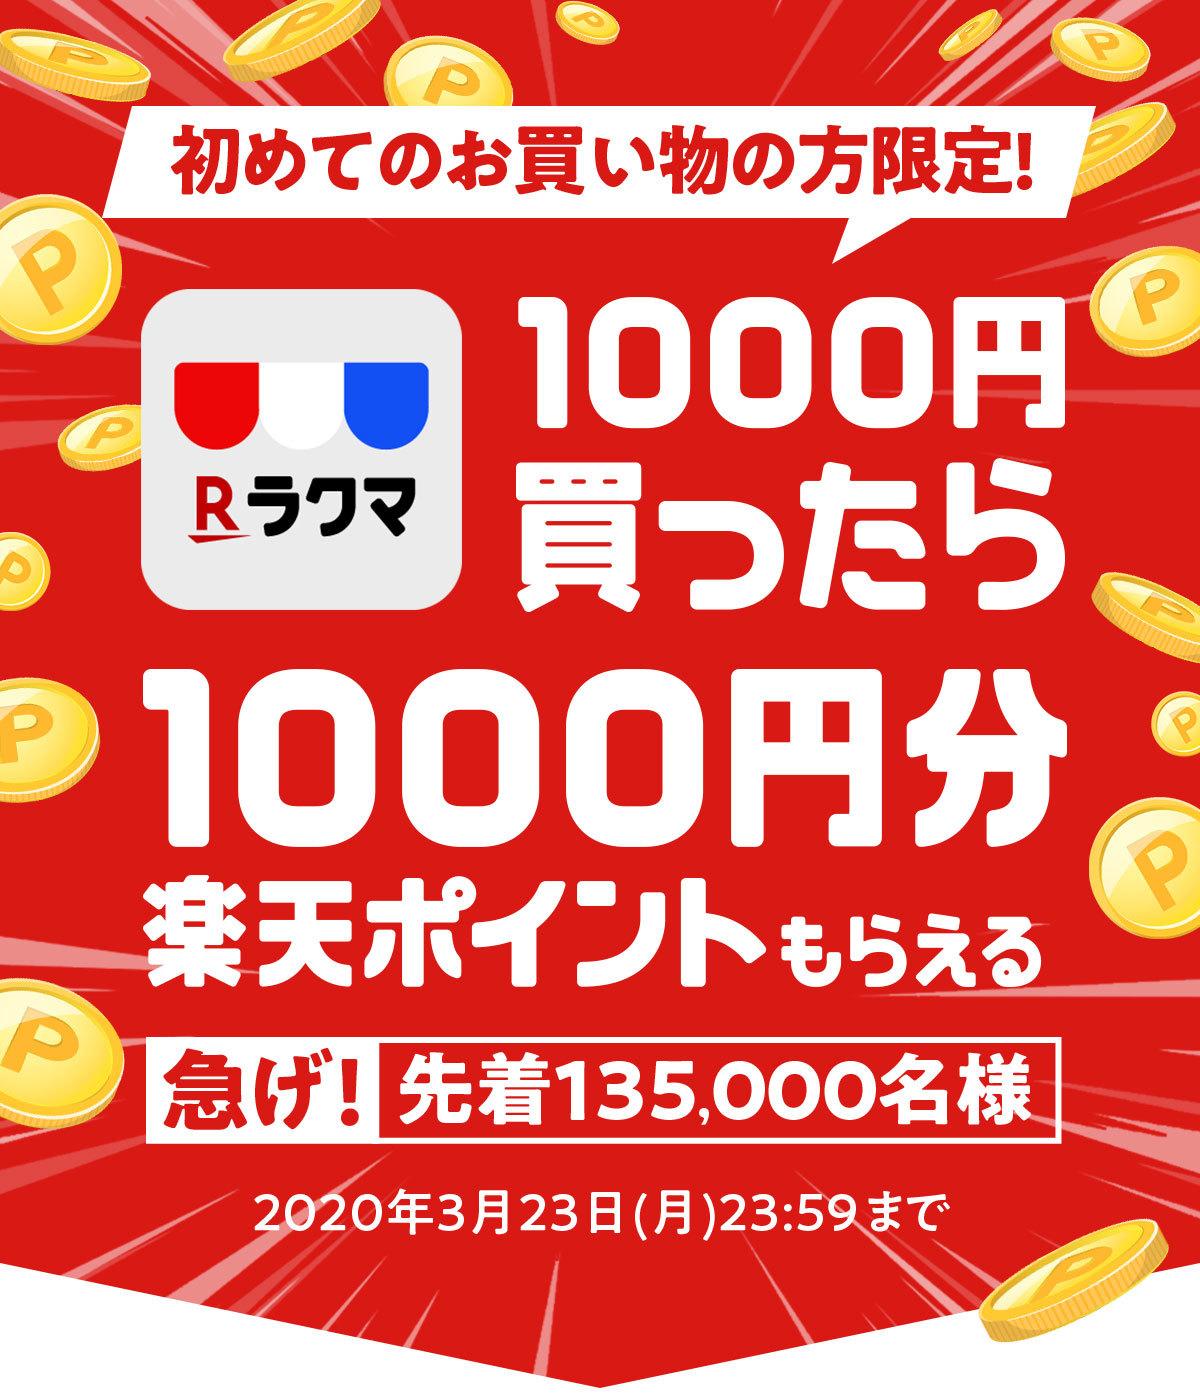 rakuma64530485.jpg